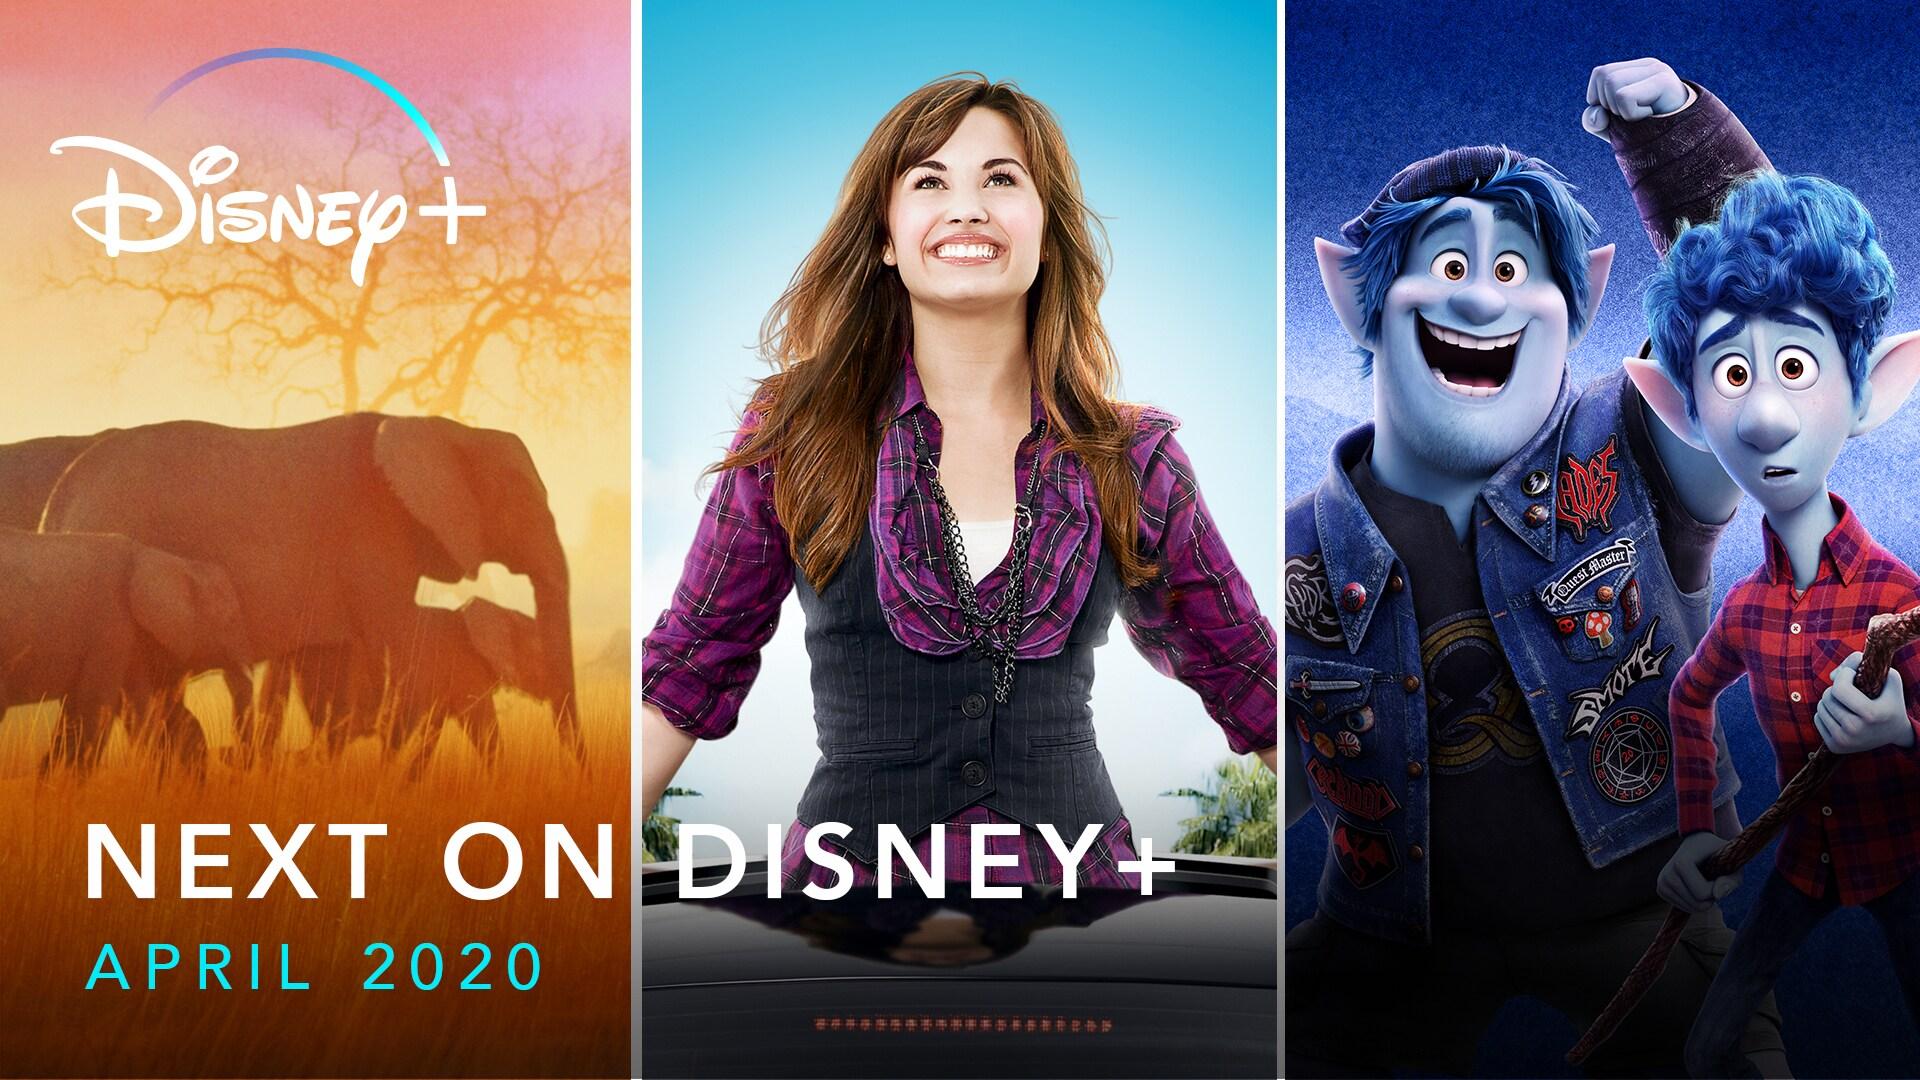 Next On Disney+ - April 2020 | Disney+ | Now Streaming